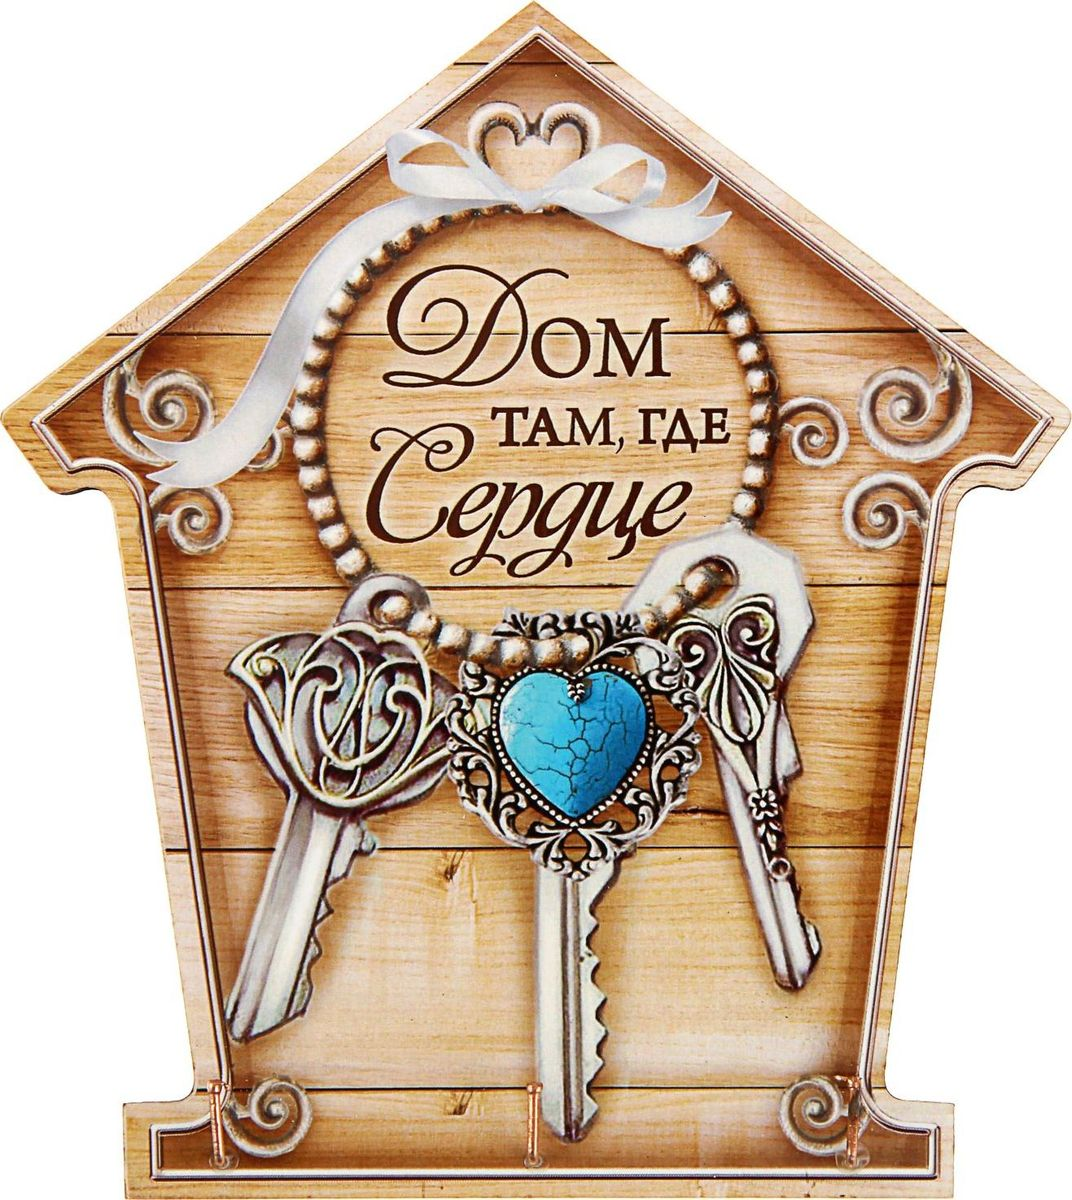 Ключница настенная Там, где сердце, 14 х 14 х 1,5 см1560929Если каждый раз, выходя из дома, вы в очередной раз устраиваете поиск ключей, то вам необходимо специальное место для их хранения. — красивая деталь и полезное приобретение для дома. Повесьте её возле двери в прихожей. Деревянный аксессуар с цветной печатью по всей поверхности выполнен в форме домика. Имеет три надёжных металлических крючка золотистого цвета, на которых удобно разместятся ключи. Он легко впишется в любой интерьер, а надпись будет каждый раз вызывать улыбку у домочадцев и удивлять гостей.